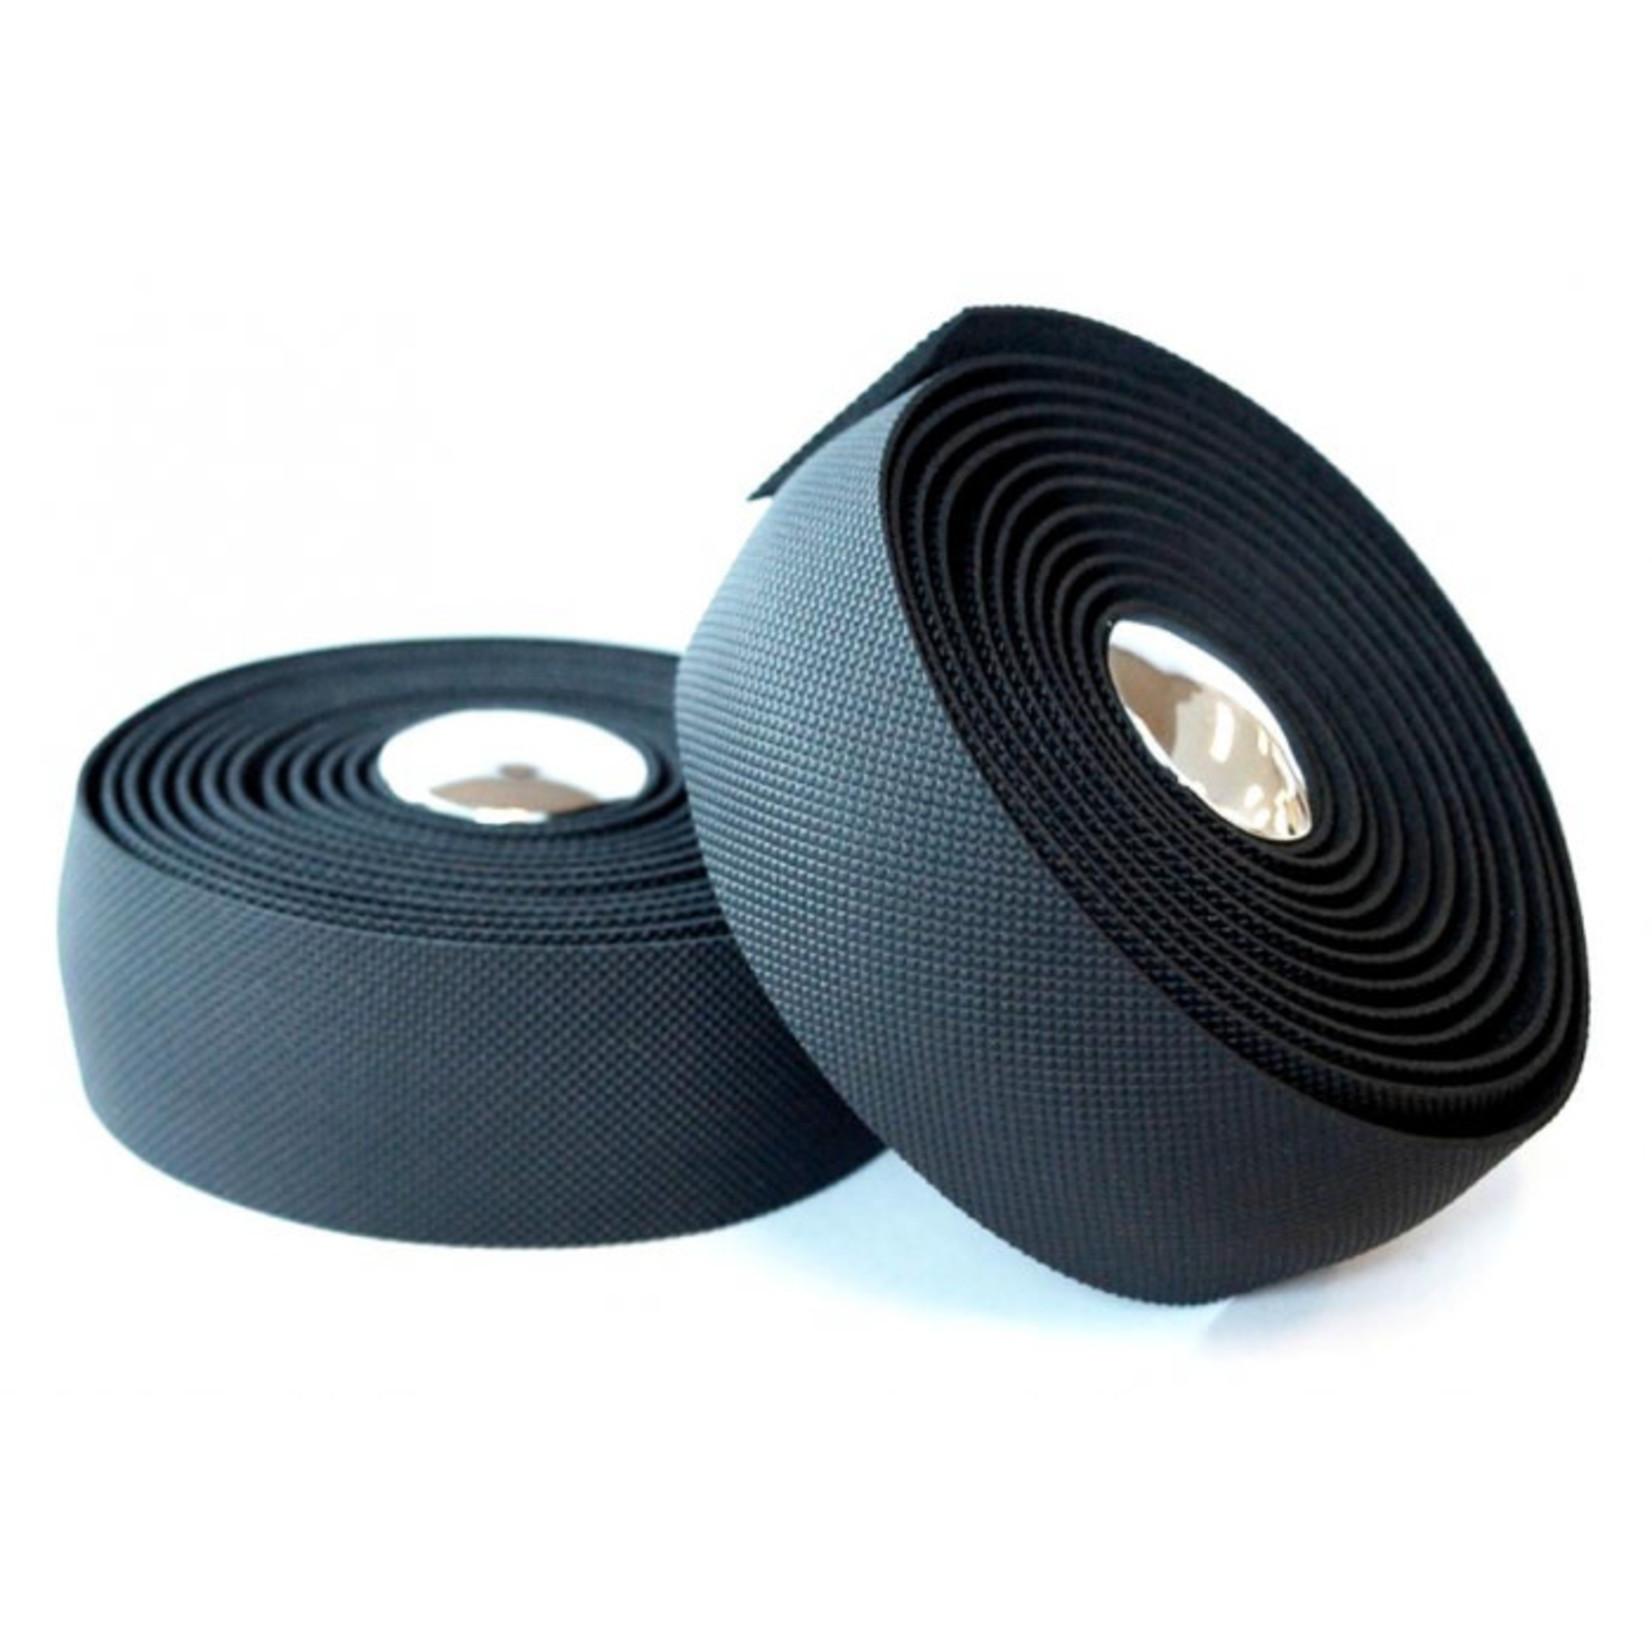 Velo X Grip Anti Slip Bar Tape Black